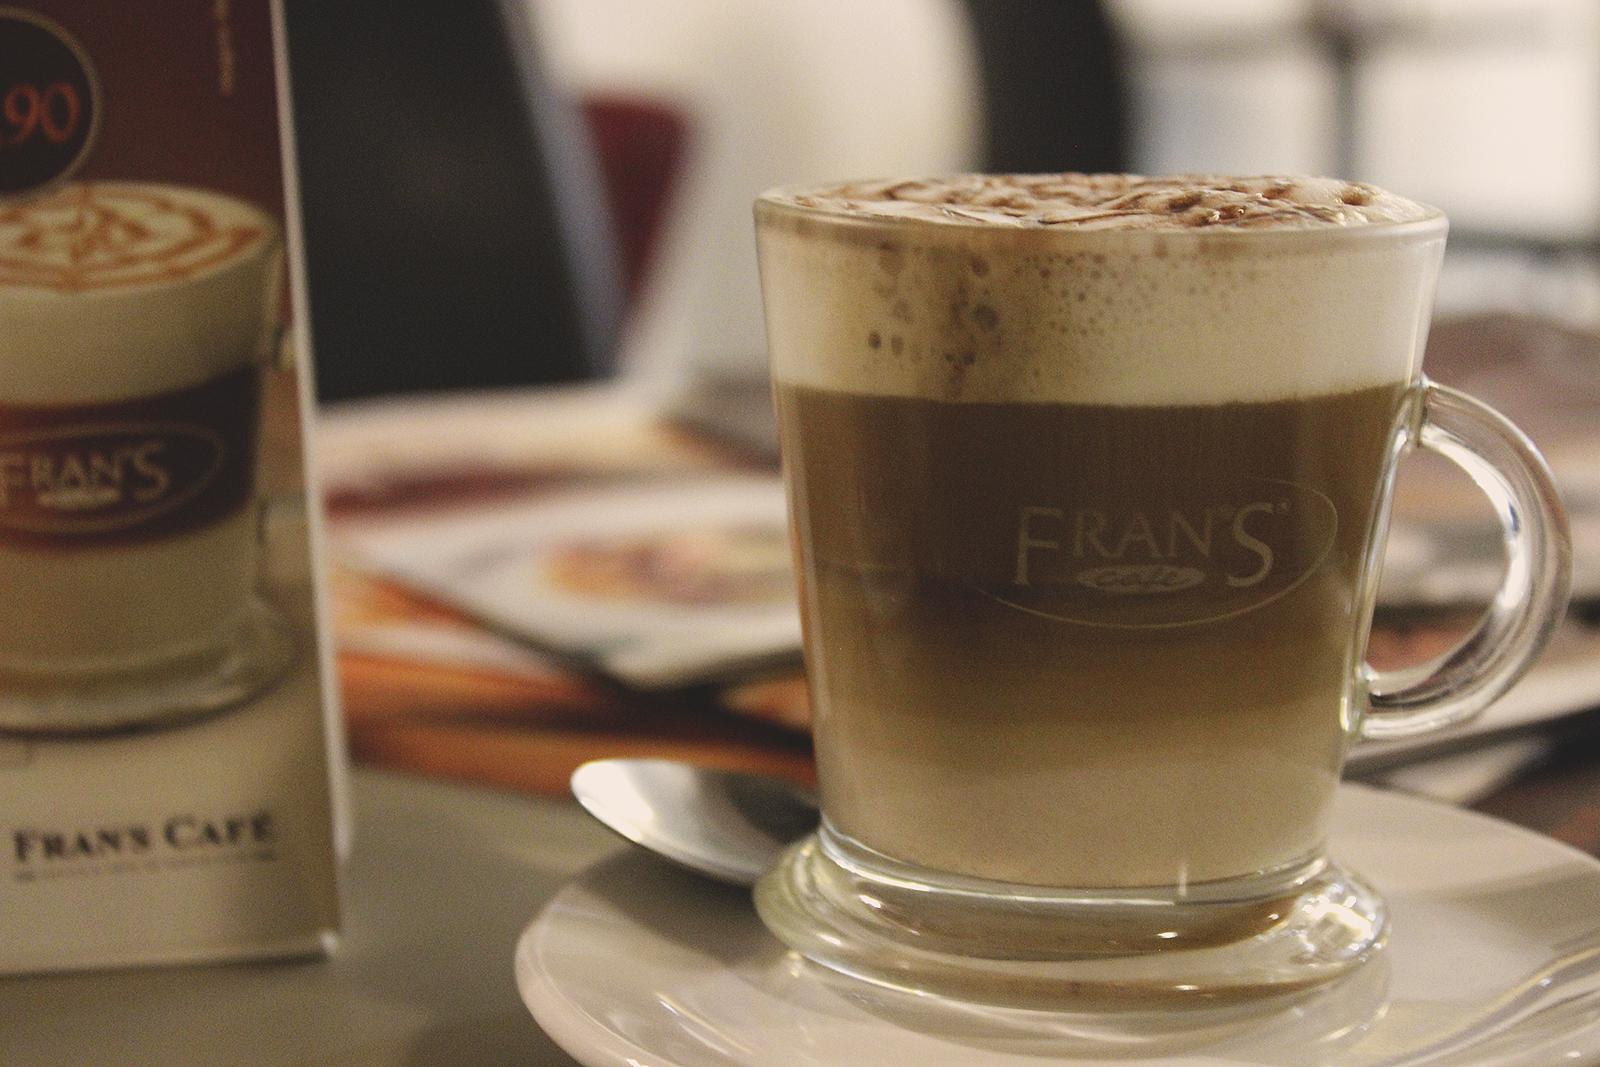 cappuccino fran's café